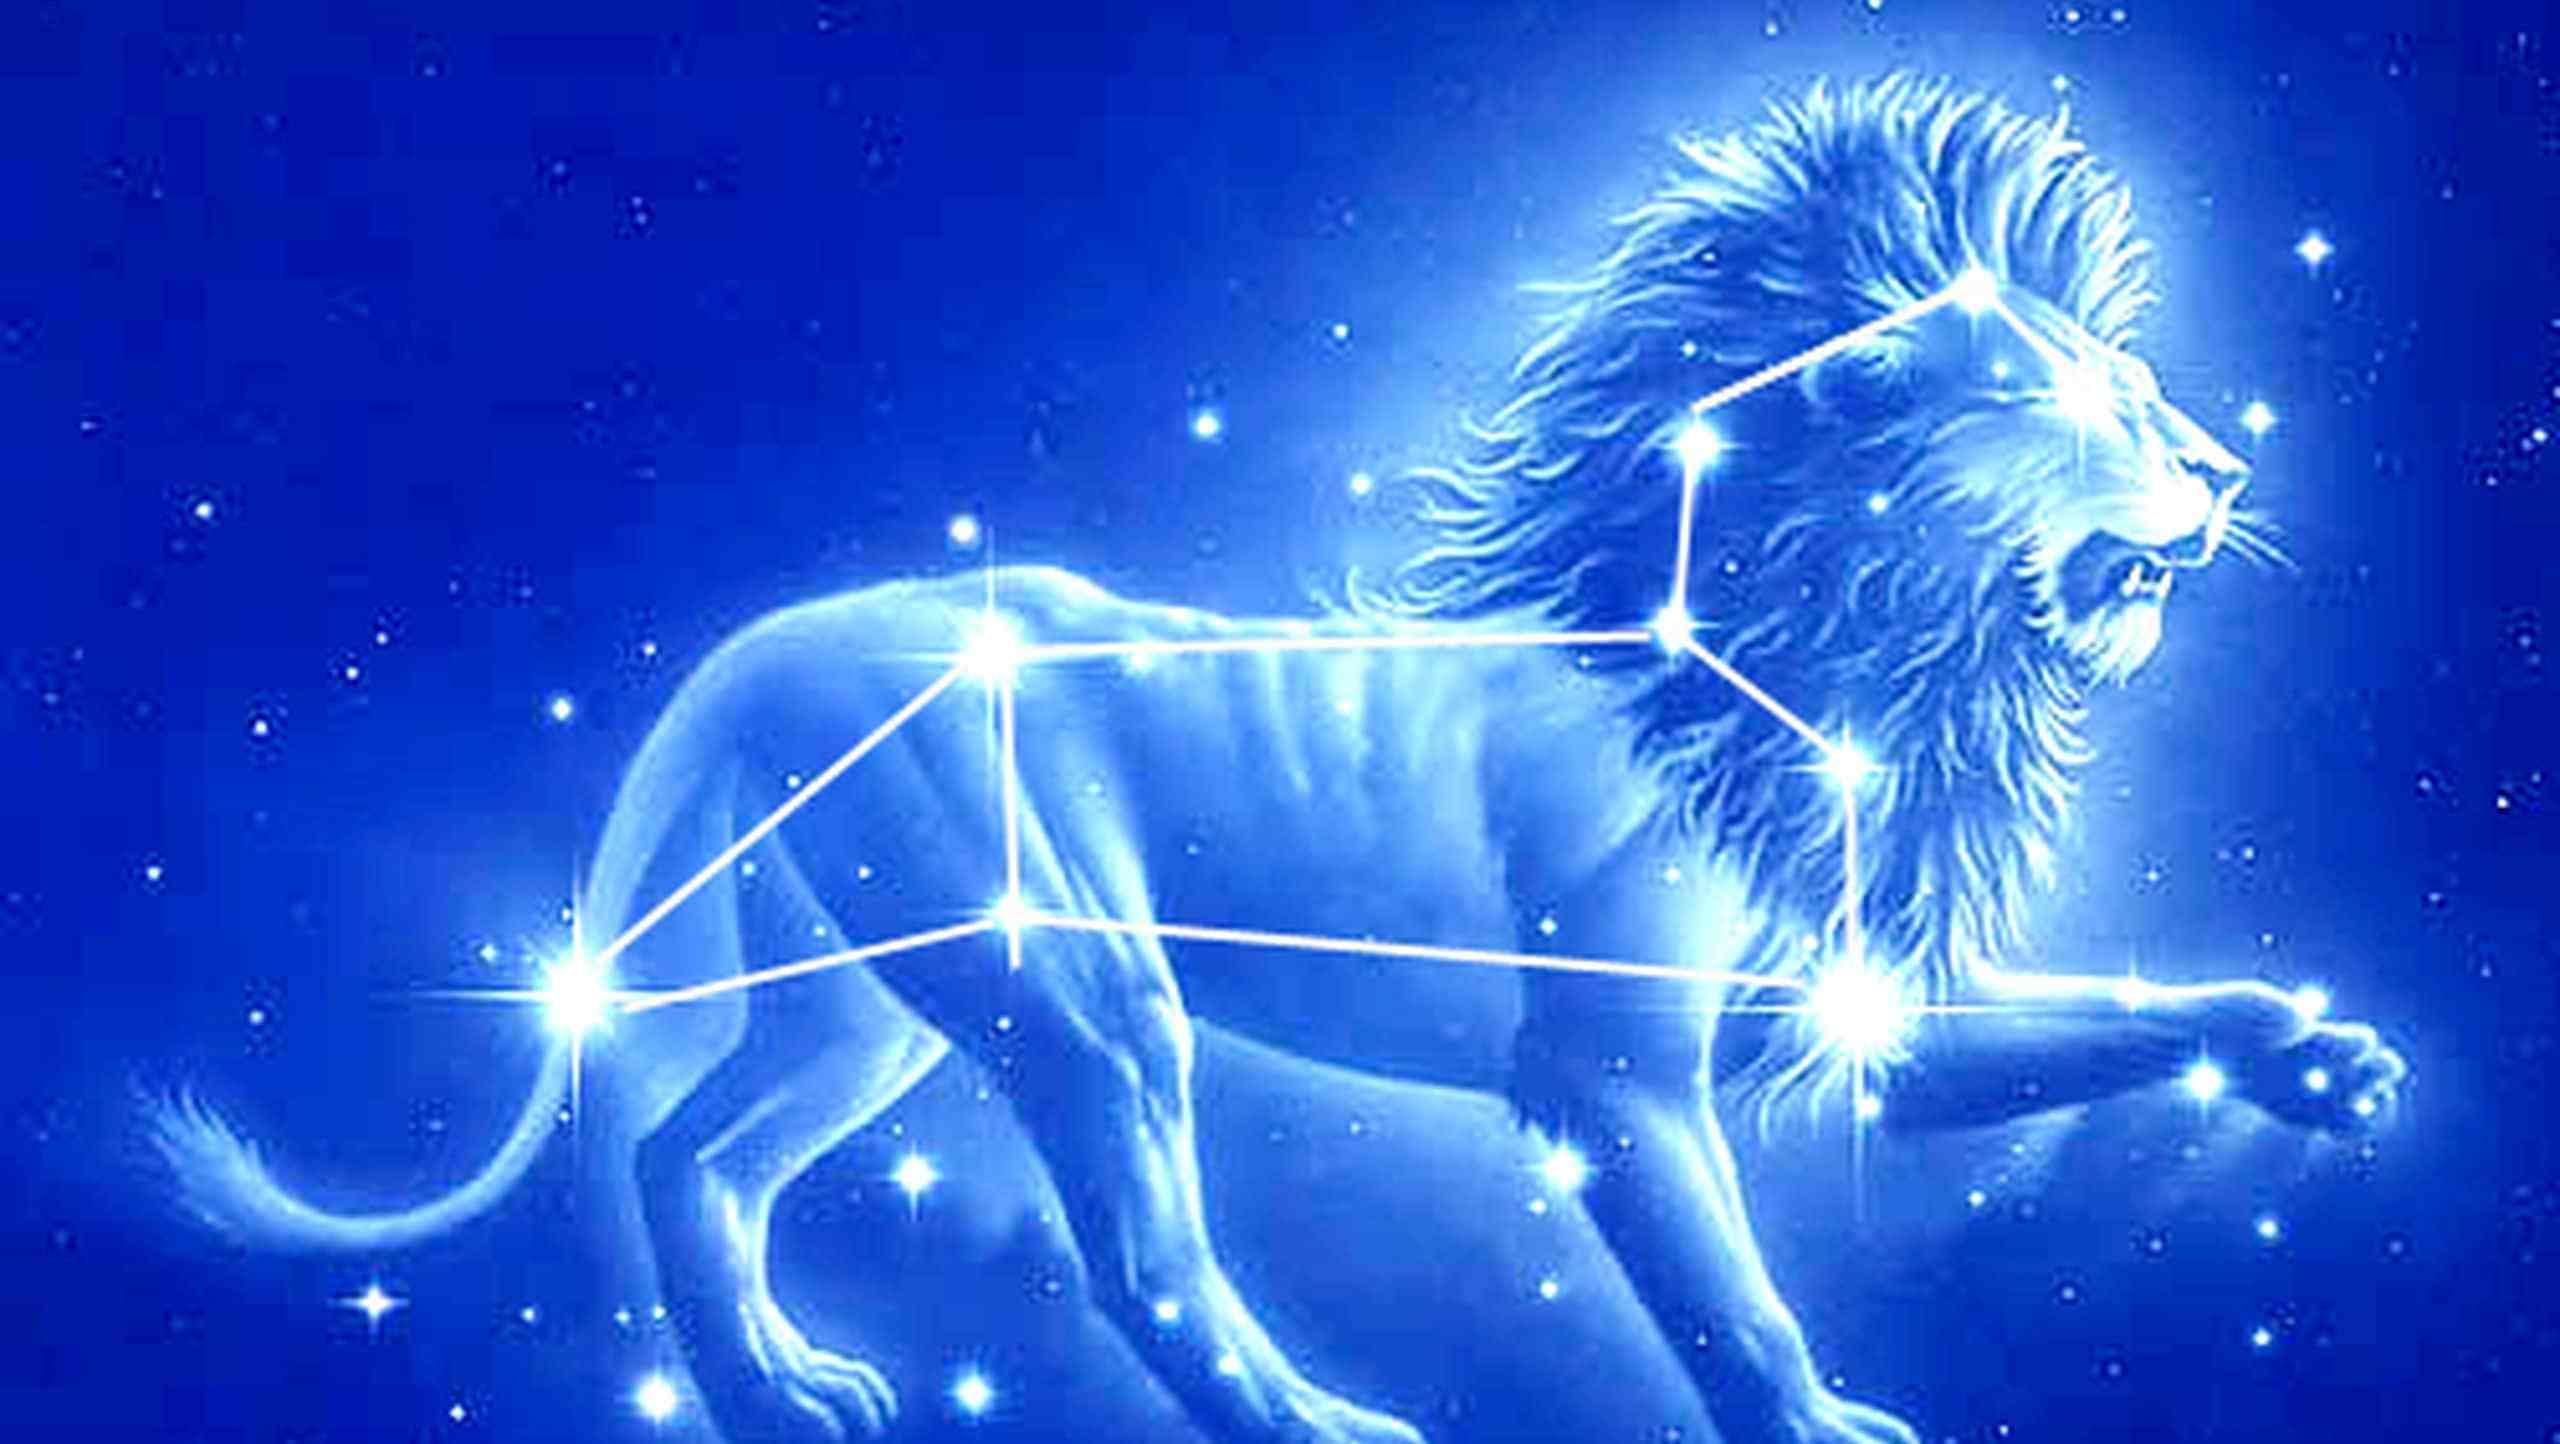 HOROSCOP | Pentru cei născuți în zodia Leu ziua de azi aduce o stare de energie, iar pentru Vărsător împlinirea unui scop profesional